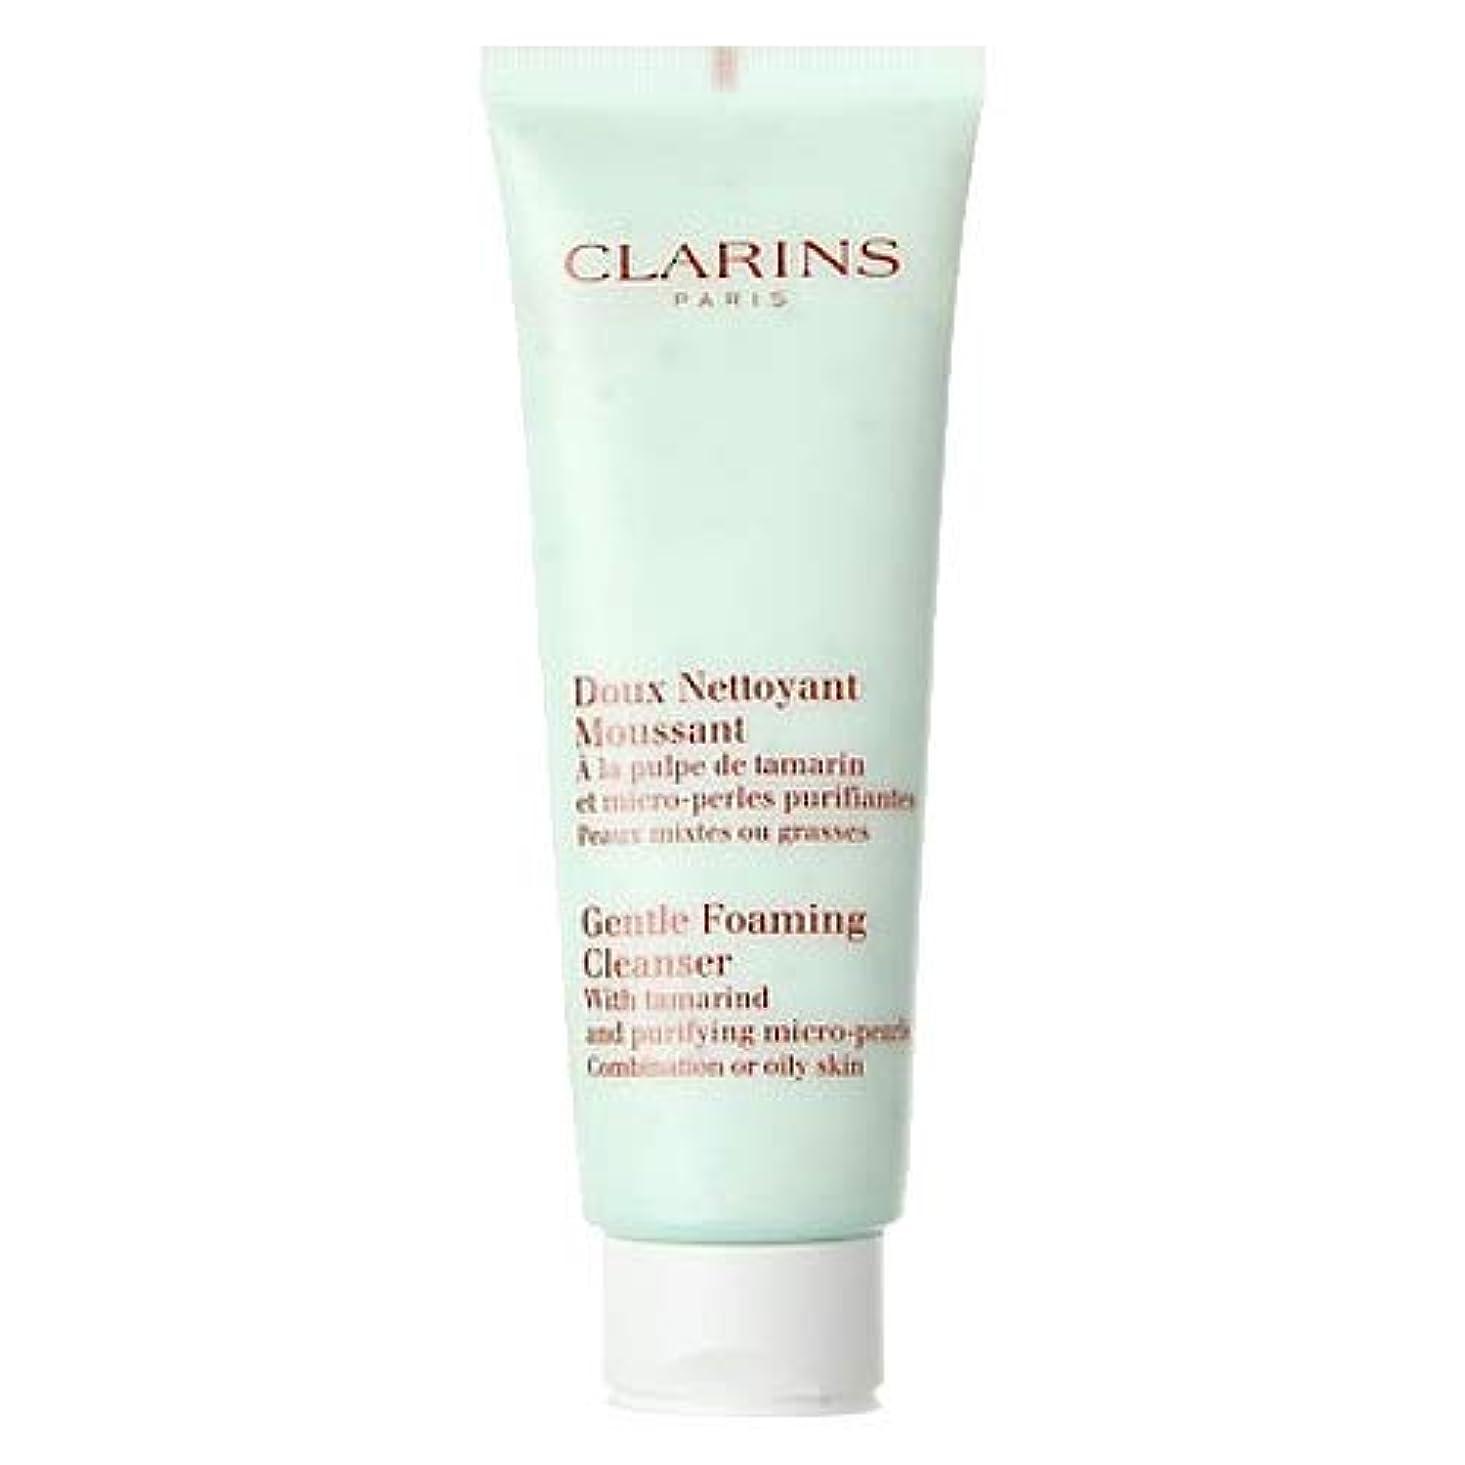 クラランス(CLARINS) ジェントル フォーミング クレンザー (コンビネーション/オイリー) 125ml [並行輸入品]